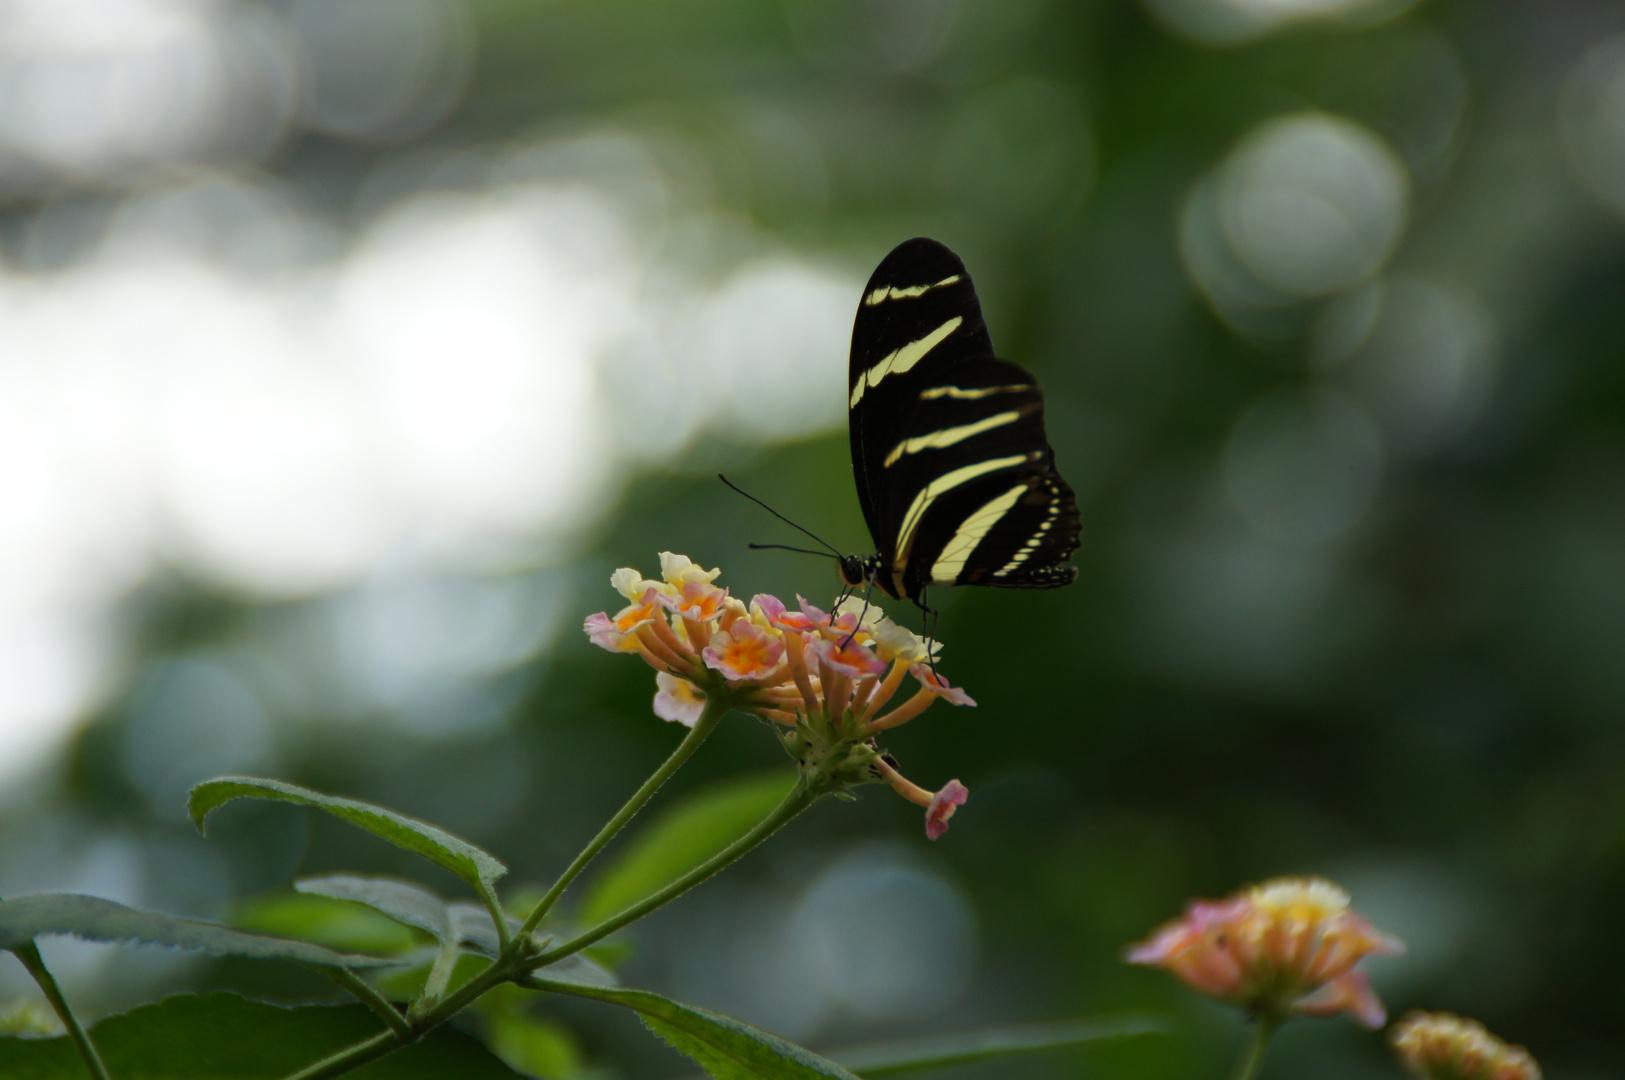 gelb-schwarz, aber keine Biene